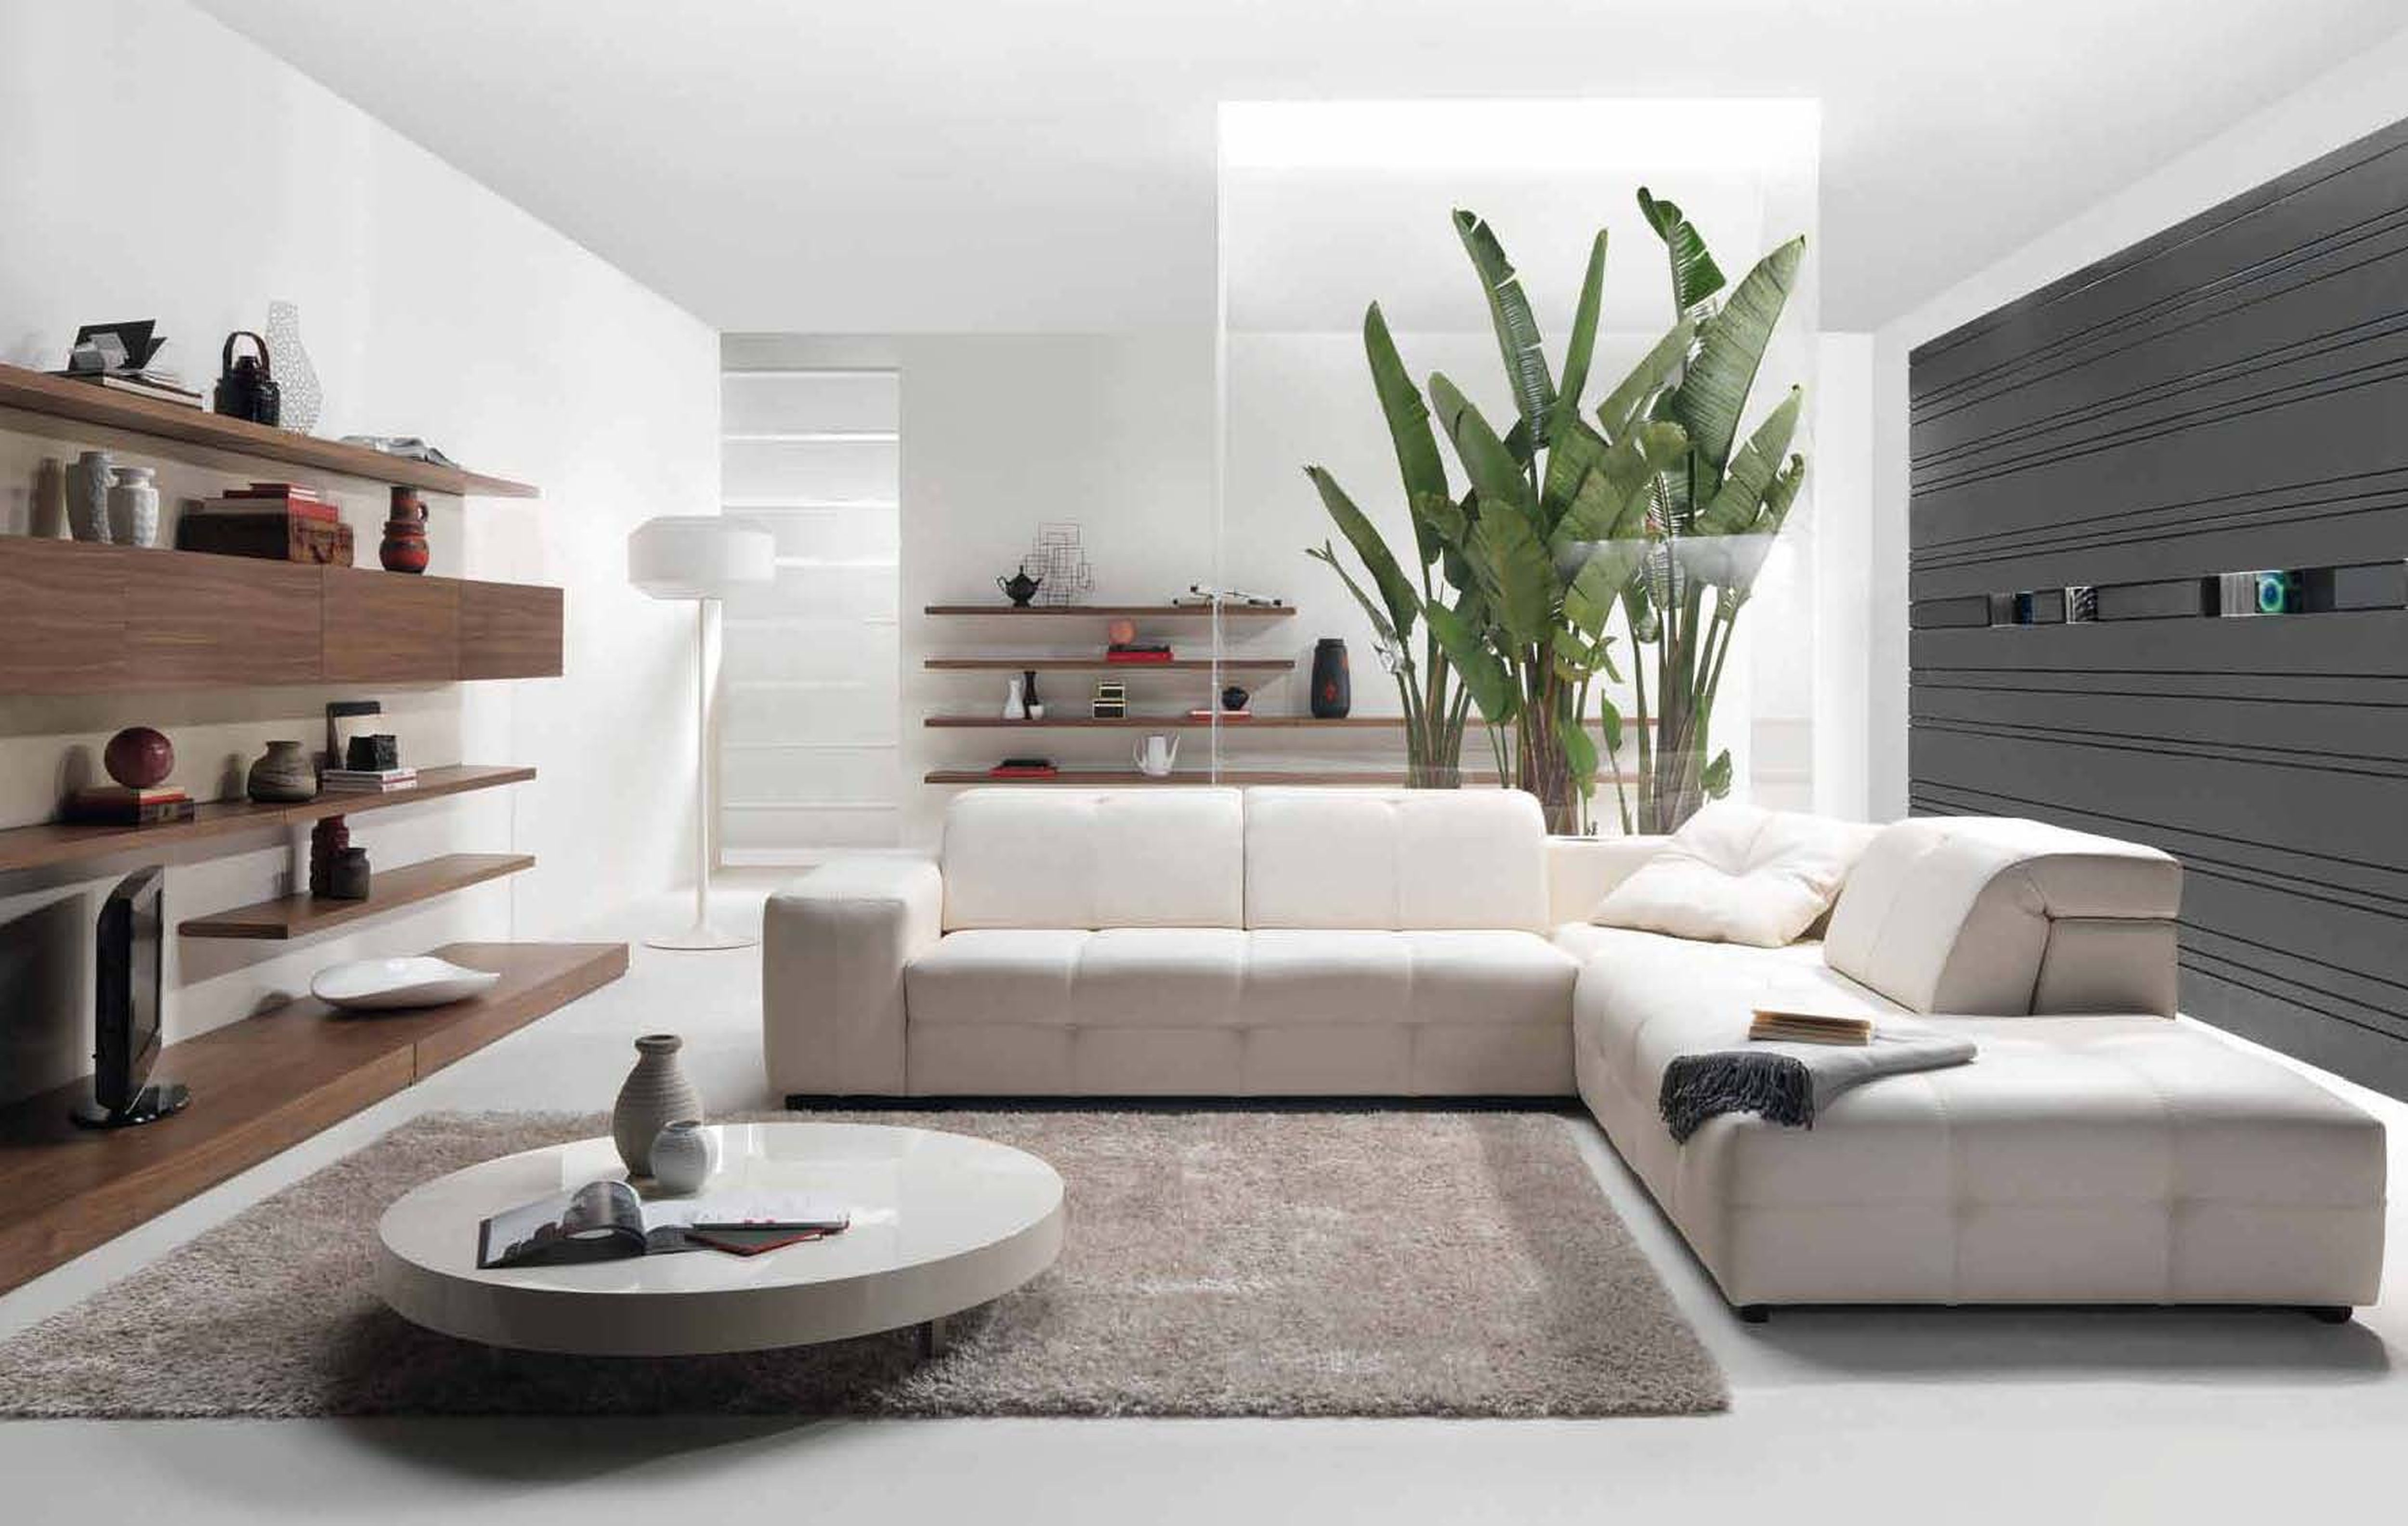 Amazing Home Decor For Small Living Room And Interior Home Enchanting Home Decor Ideas For Living Room Inspiration Design